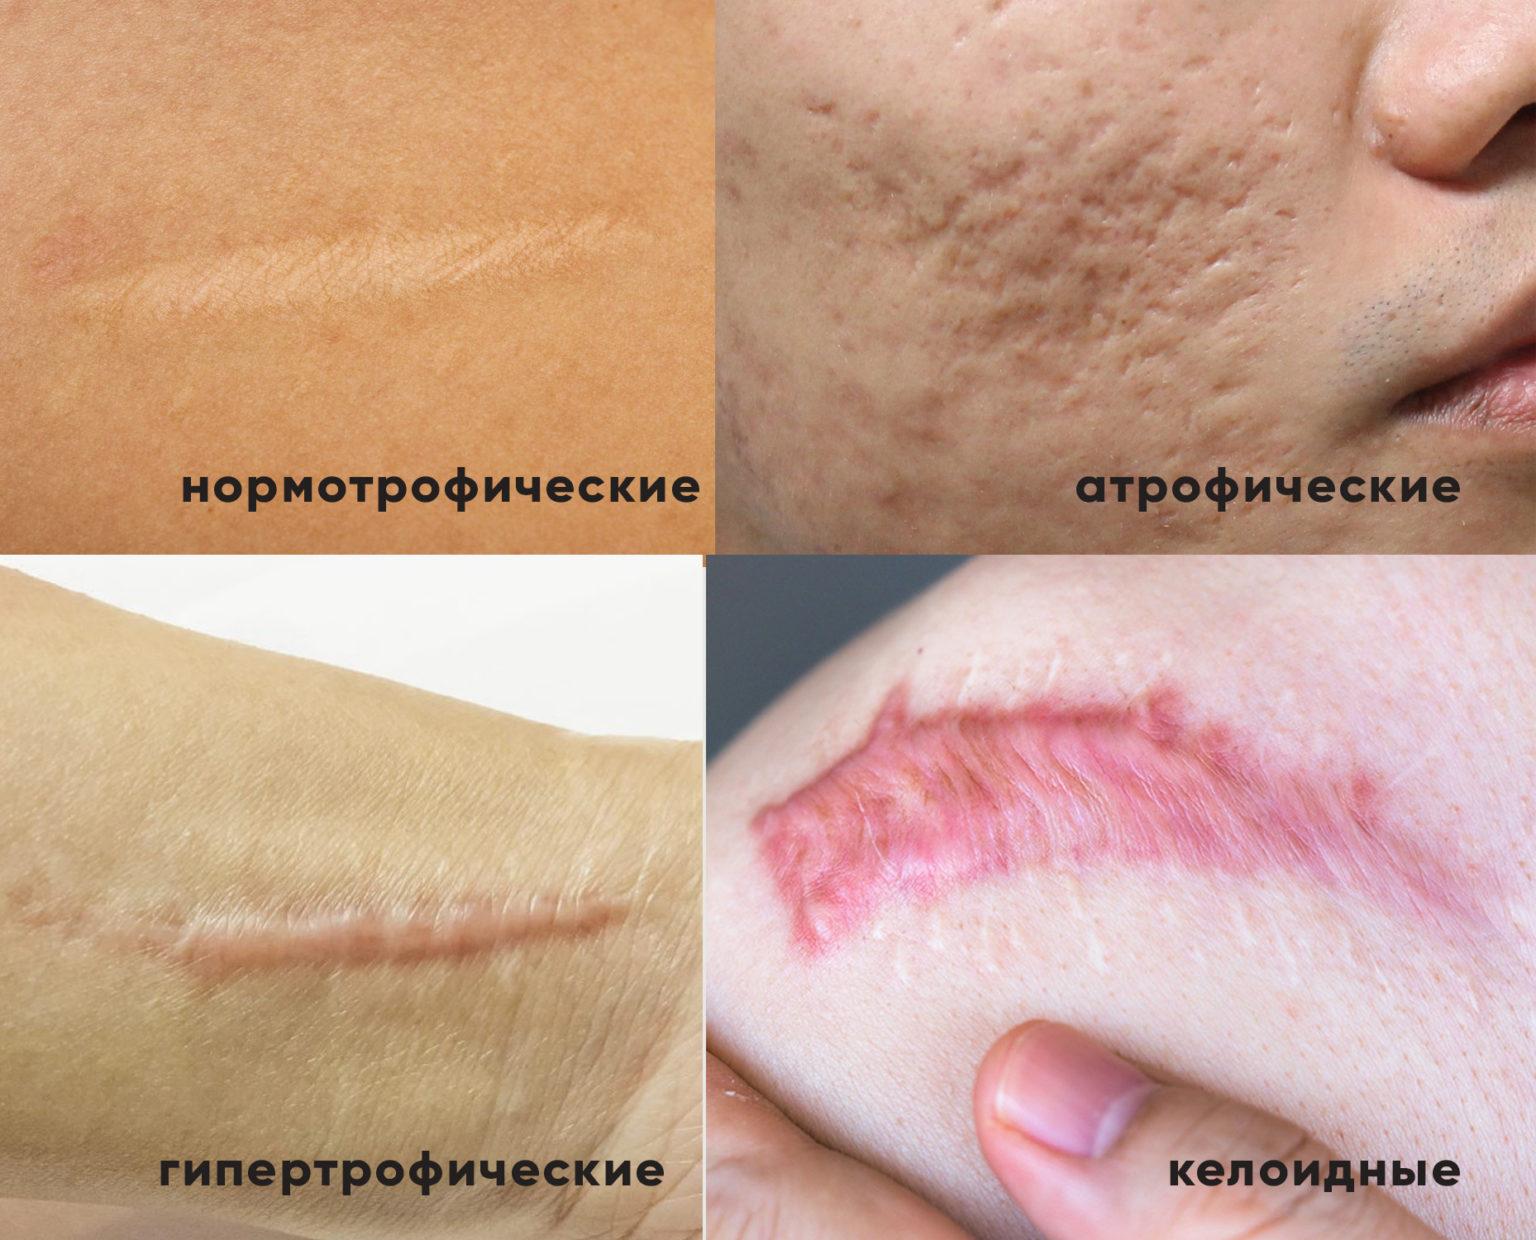 Лечение келоидных рубцов